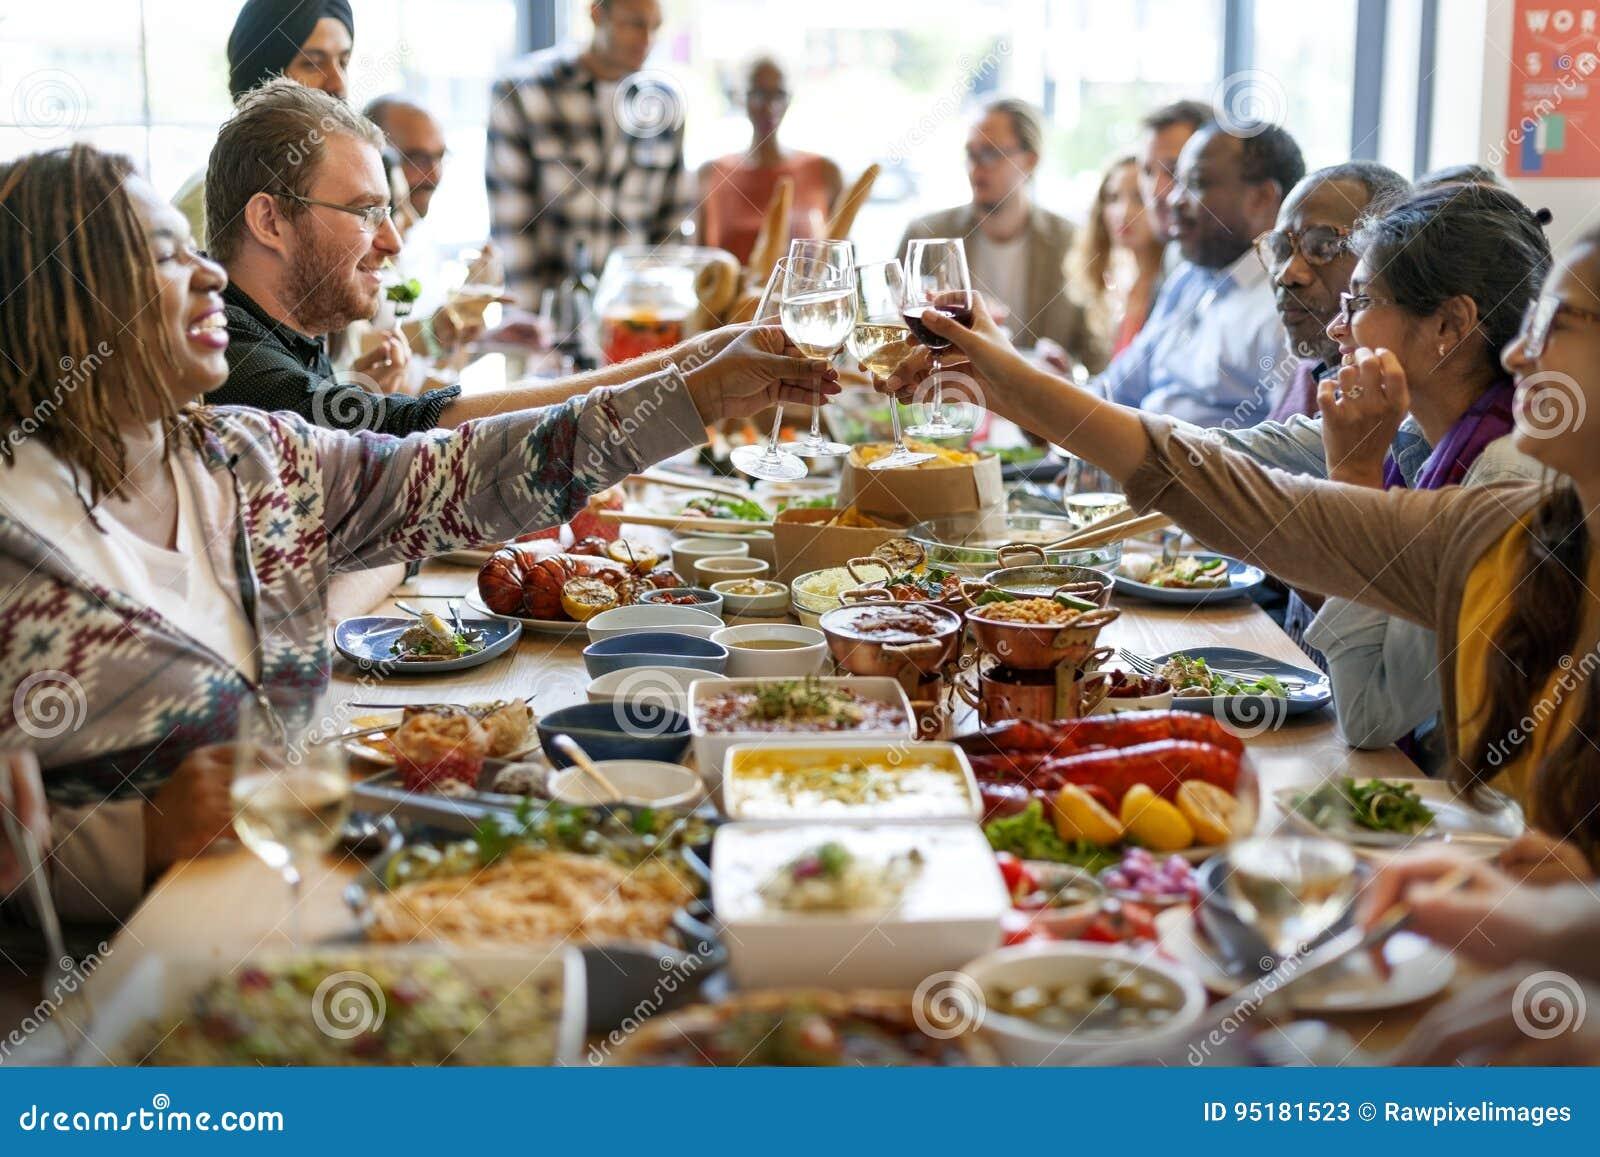 Van de de Keuken Culinair Gastronomisch Partij van de voedselcatering de Toejuichingenconcept